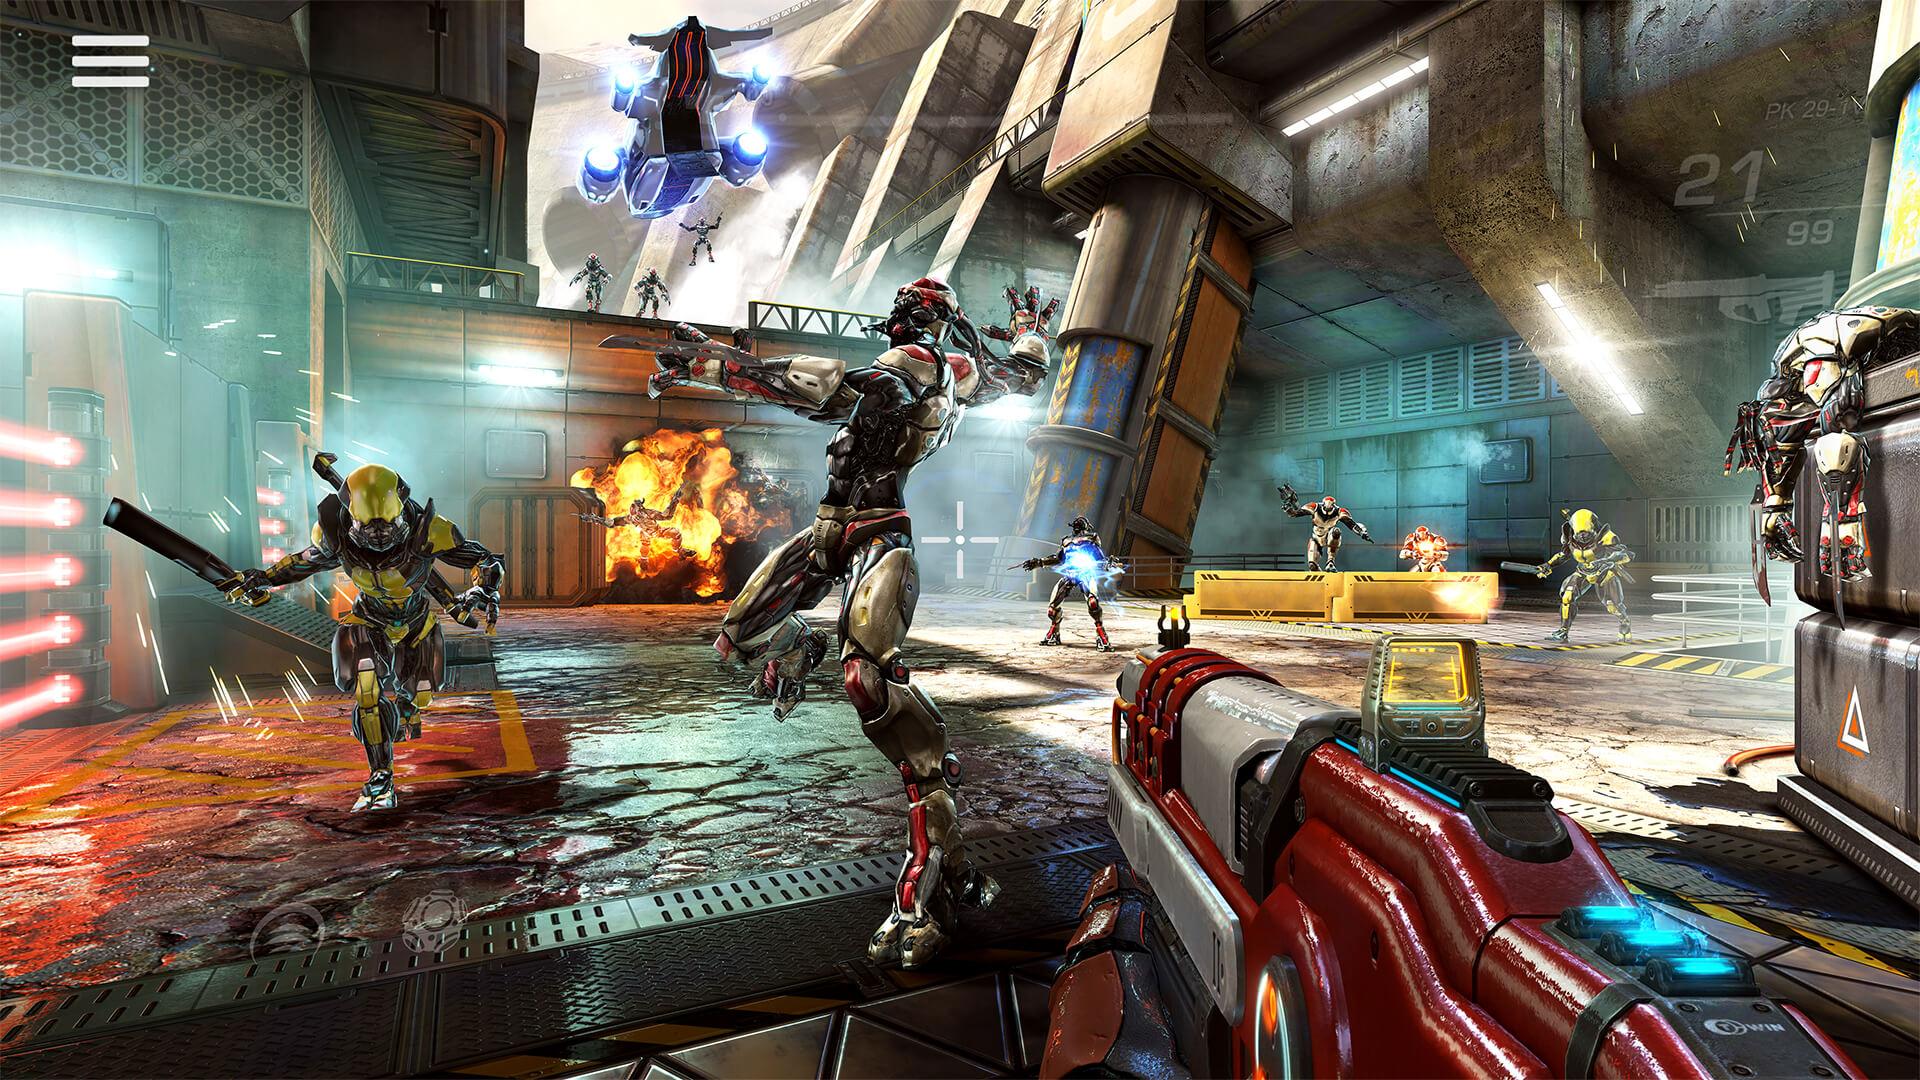 نتيجة بحث الصور عن Shadowgun Legends apk